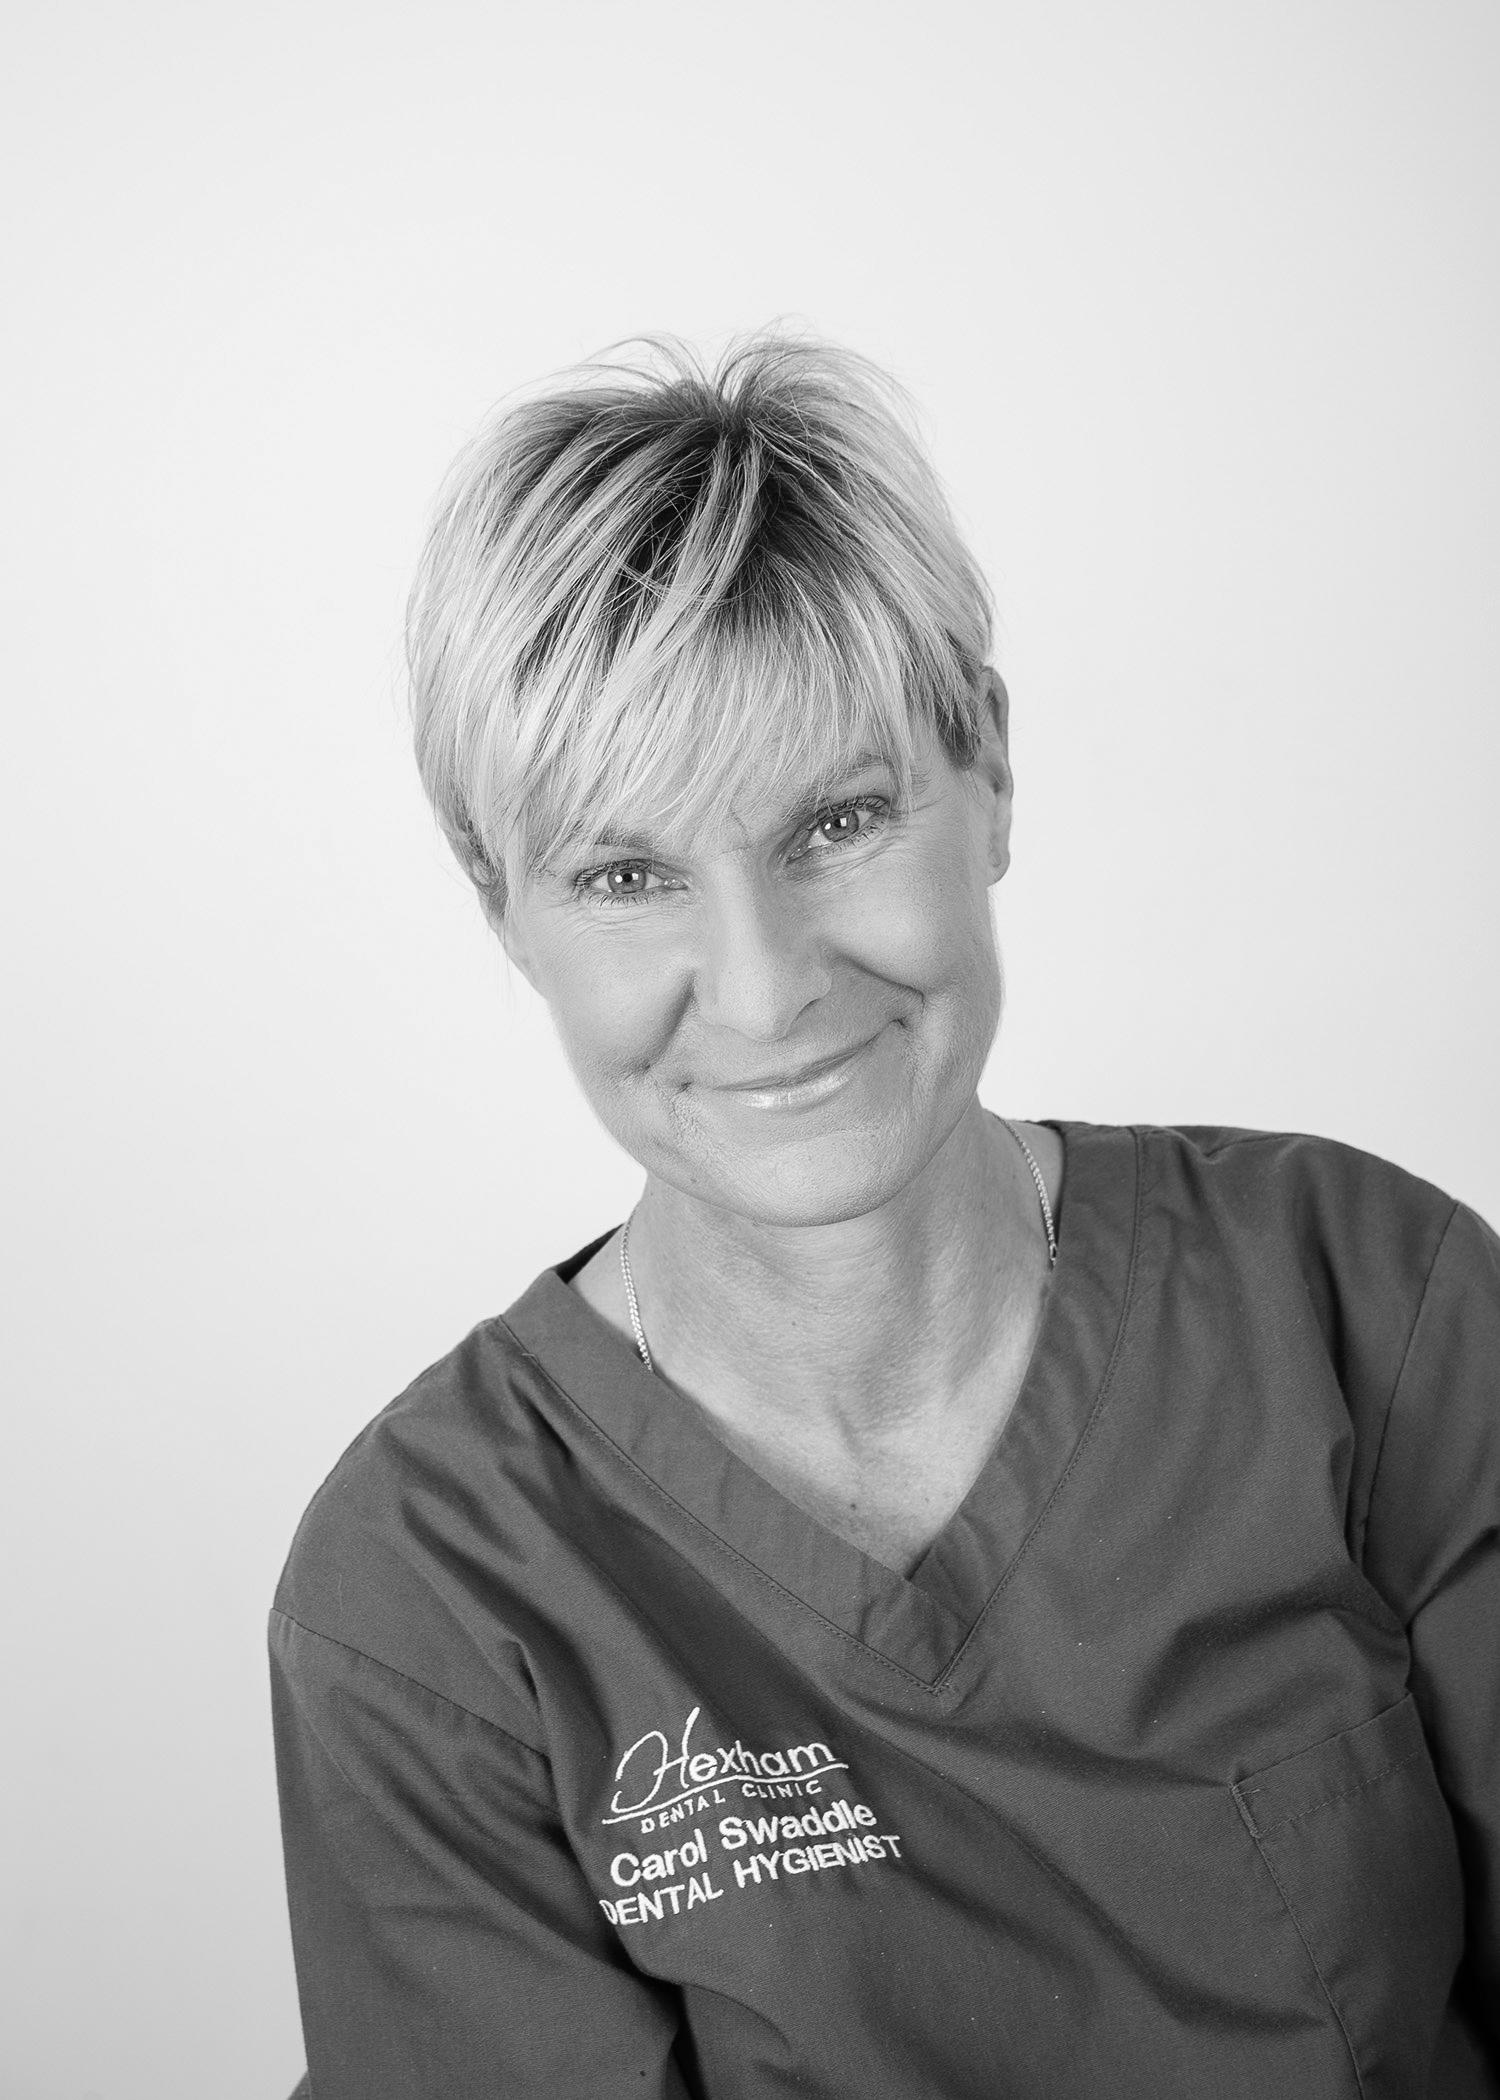 Carol Swaddle